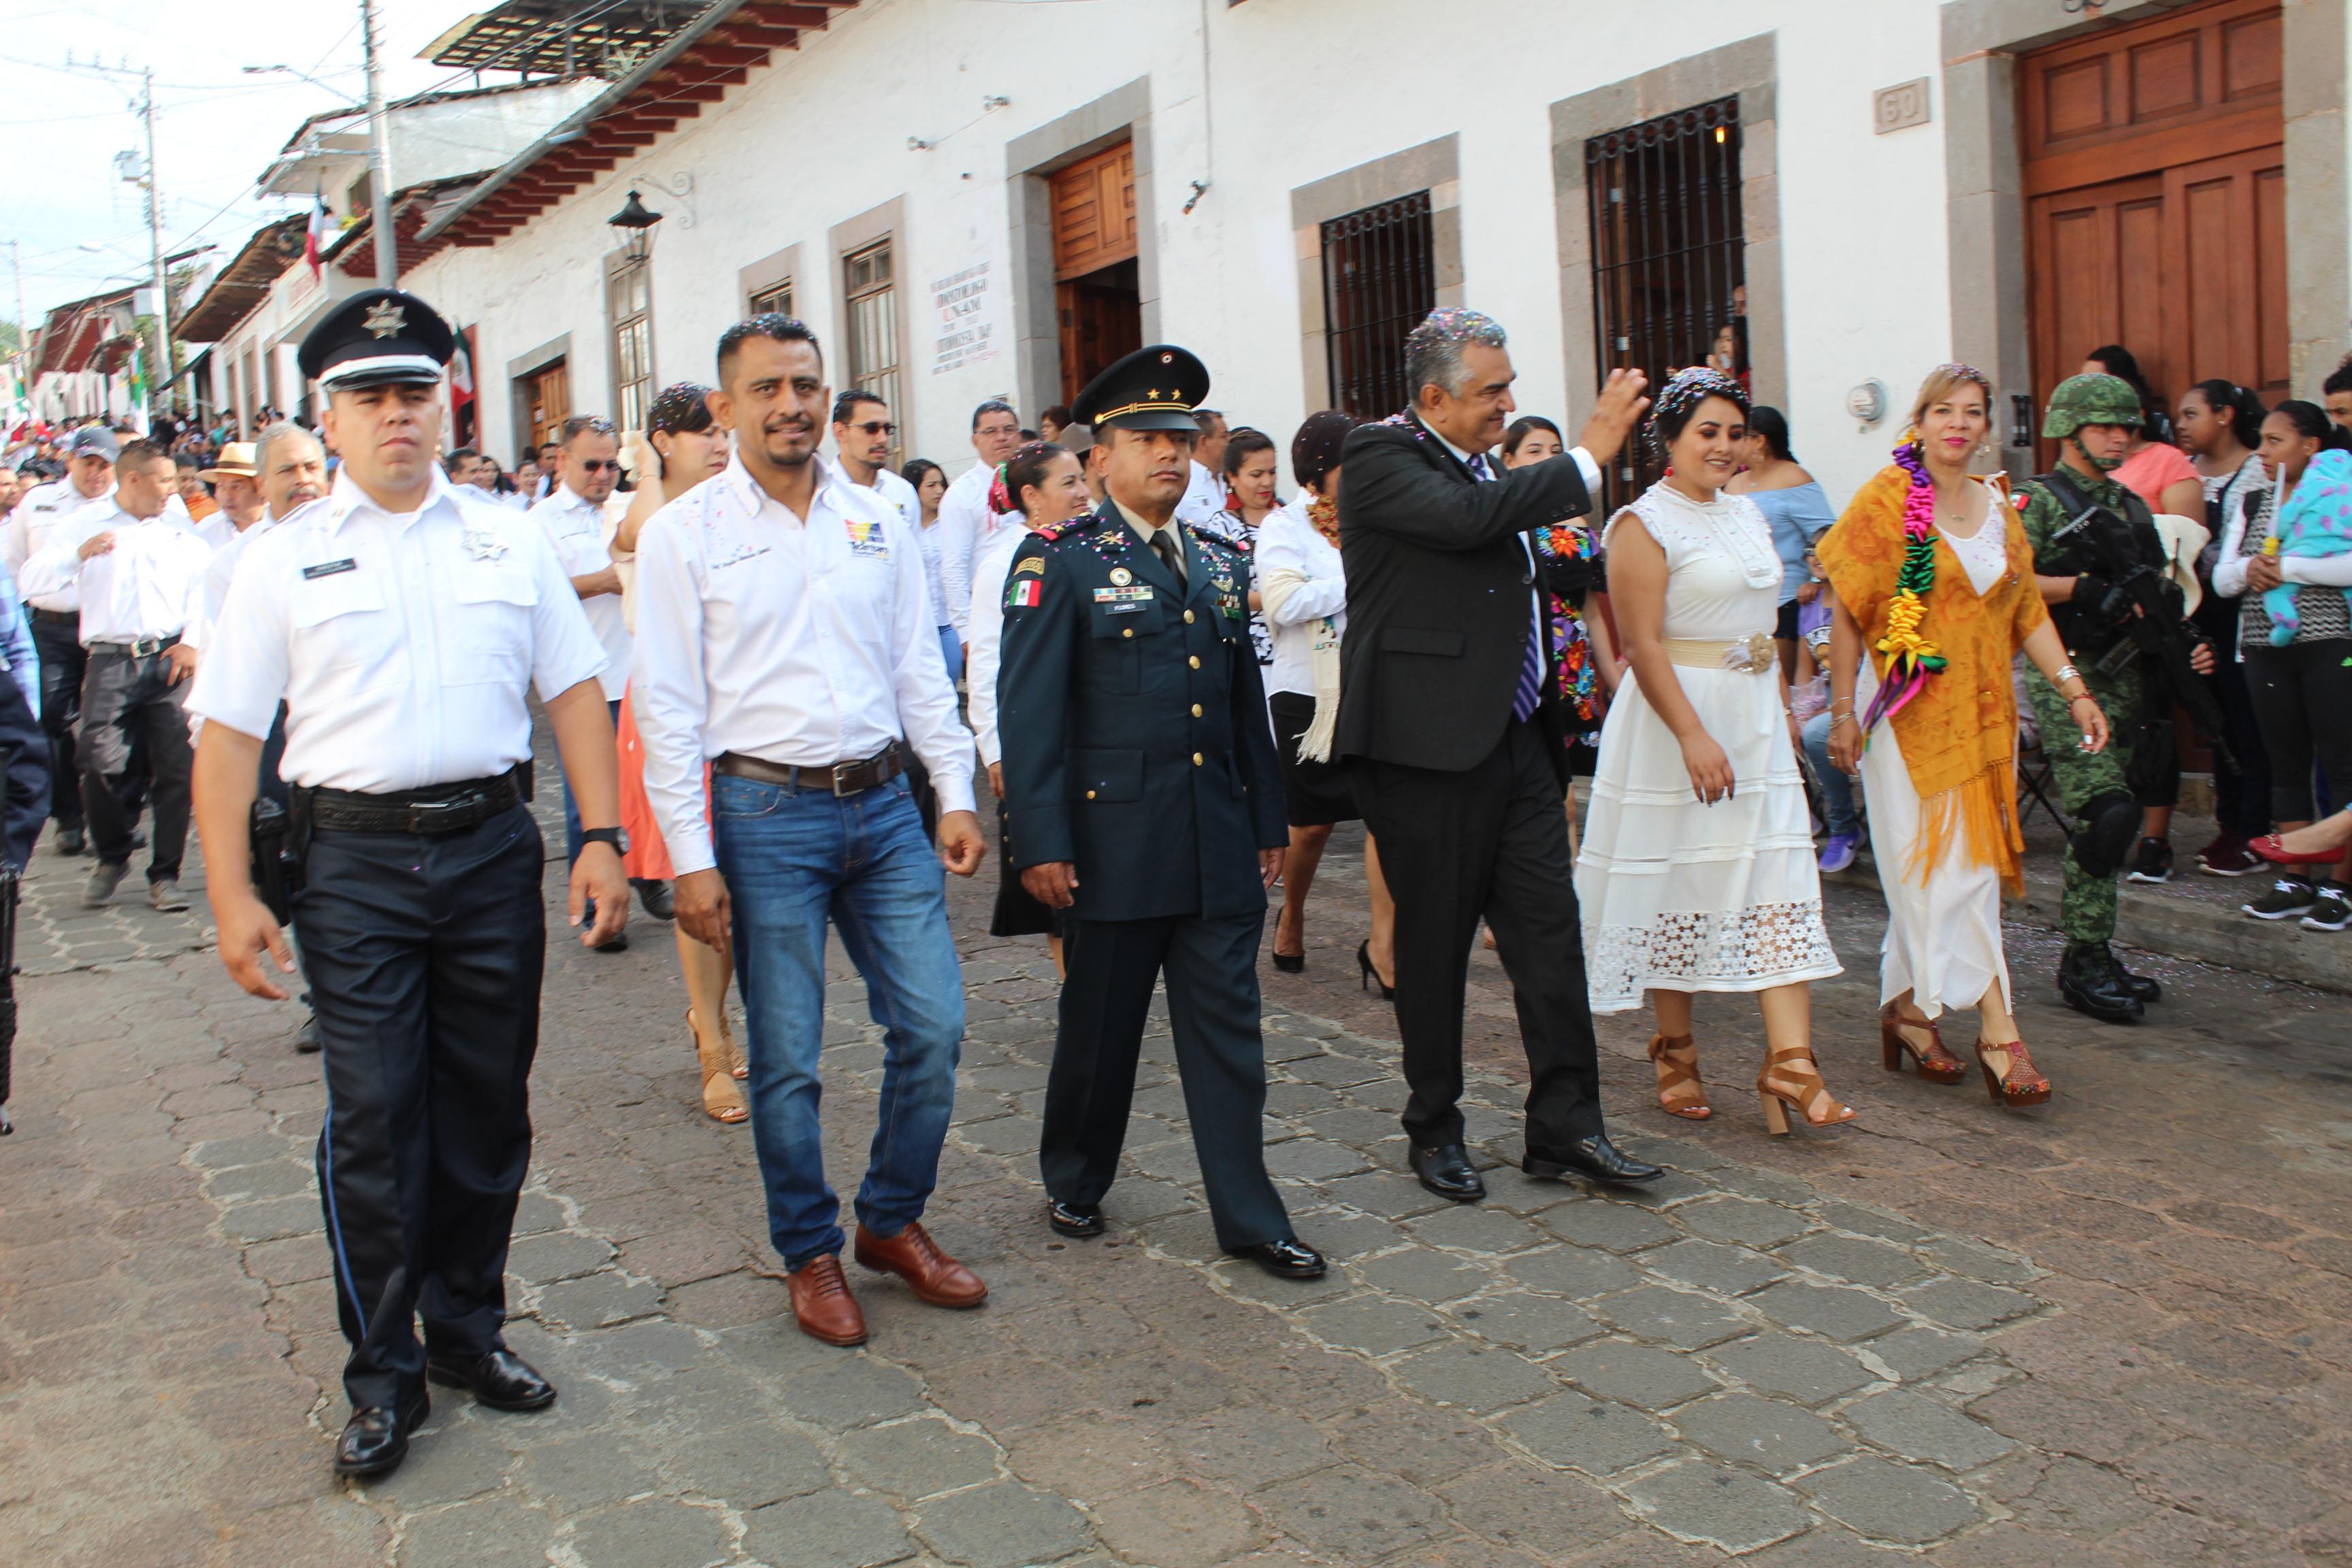 Salvador Barrera encabeza desfile cívico militar en el marco del CCIX aniversario de la Independencia de México.